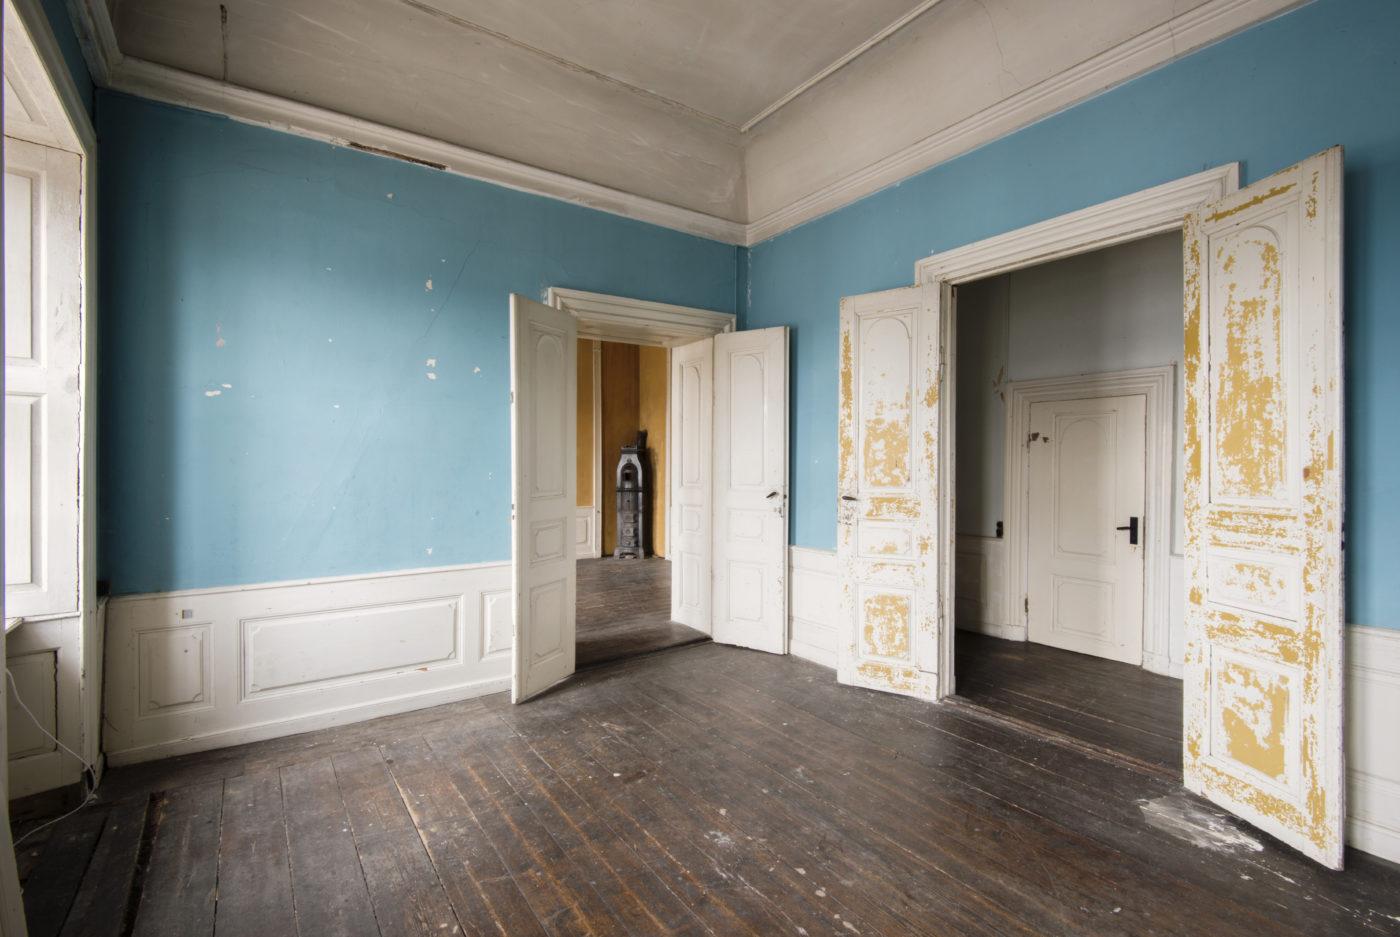 Kastrup Værk interiør før restaurering Elgaard Architecture